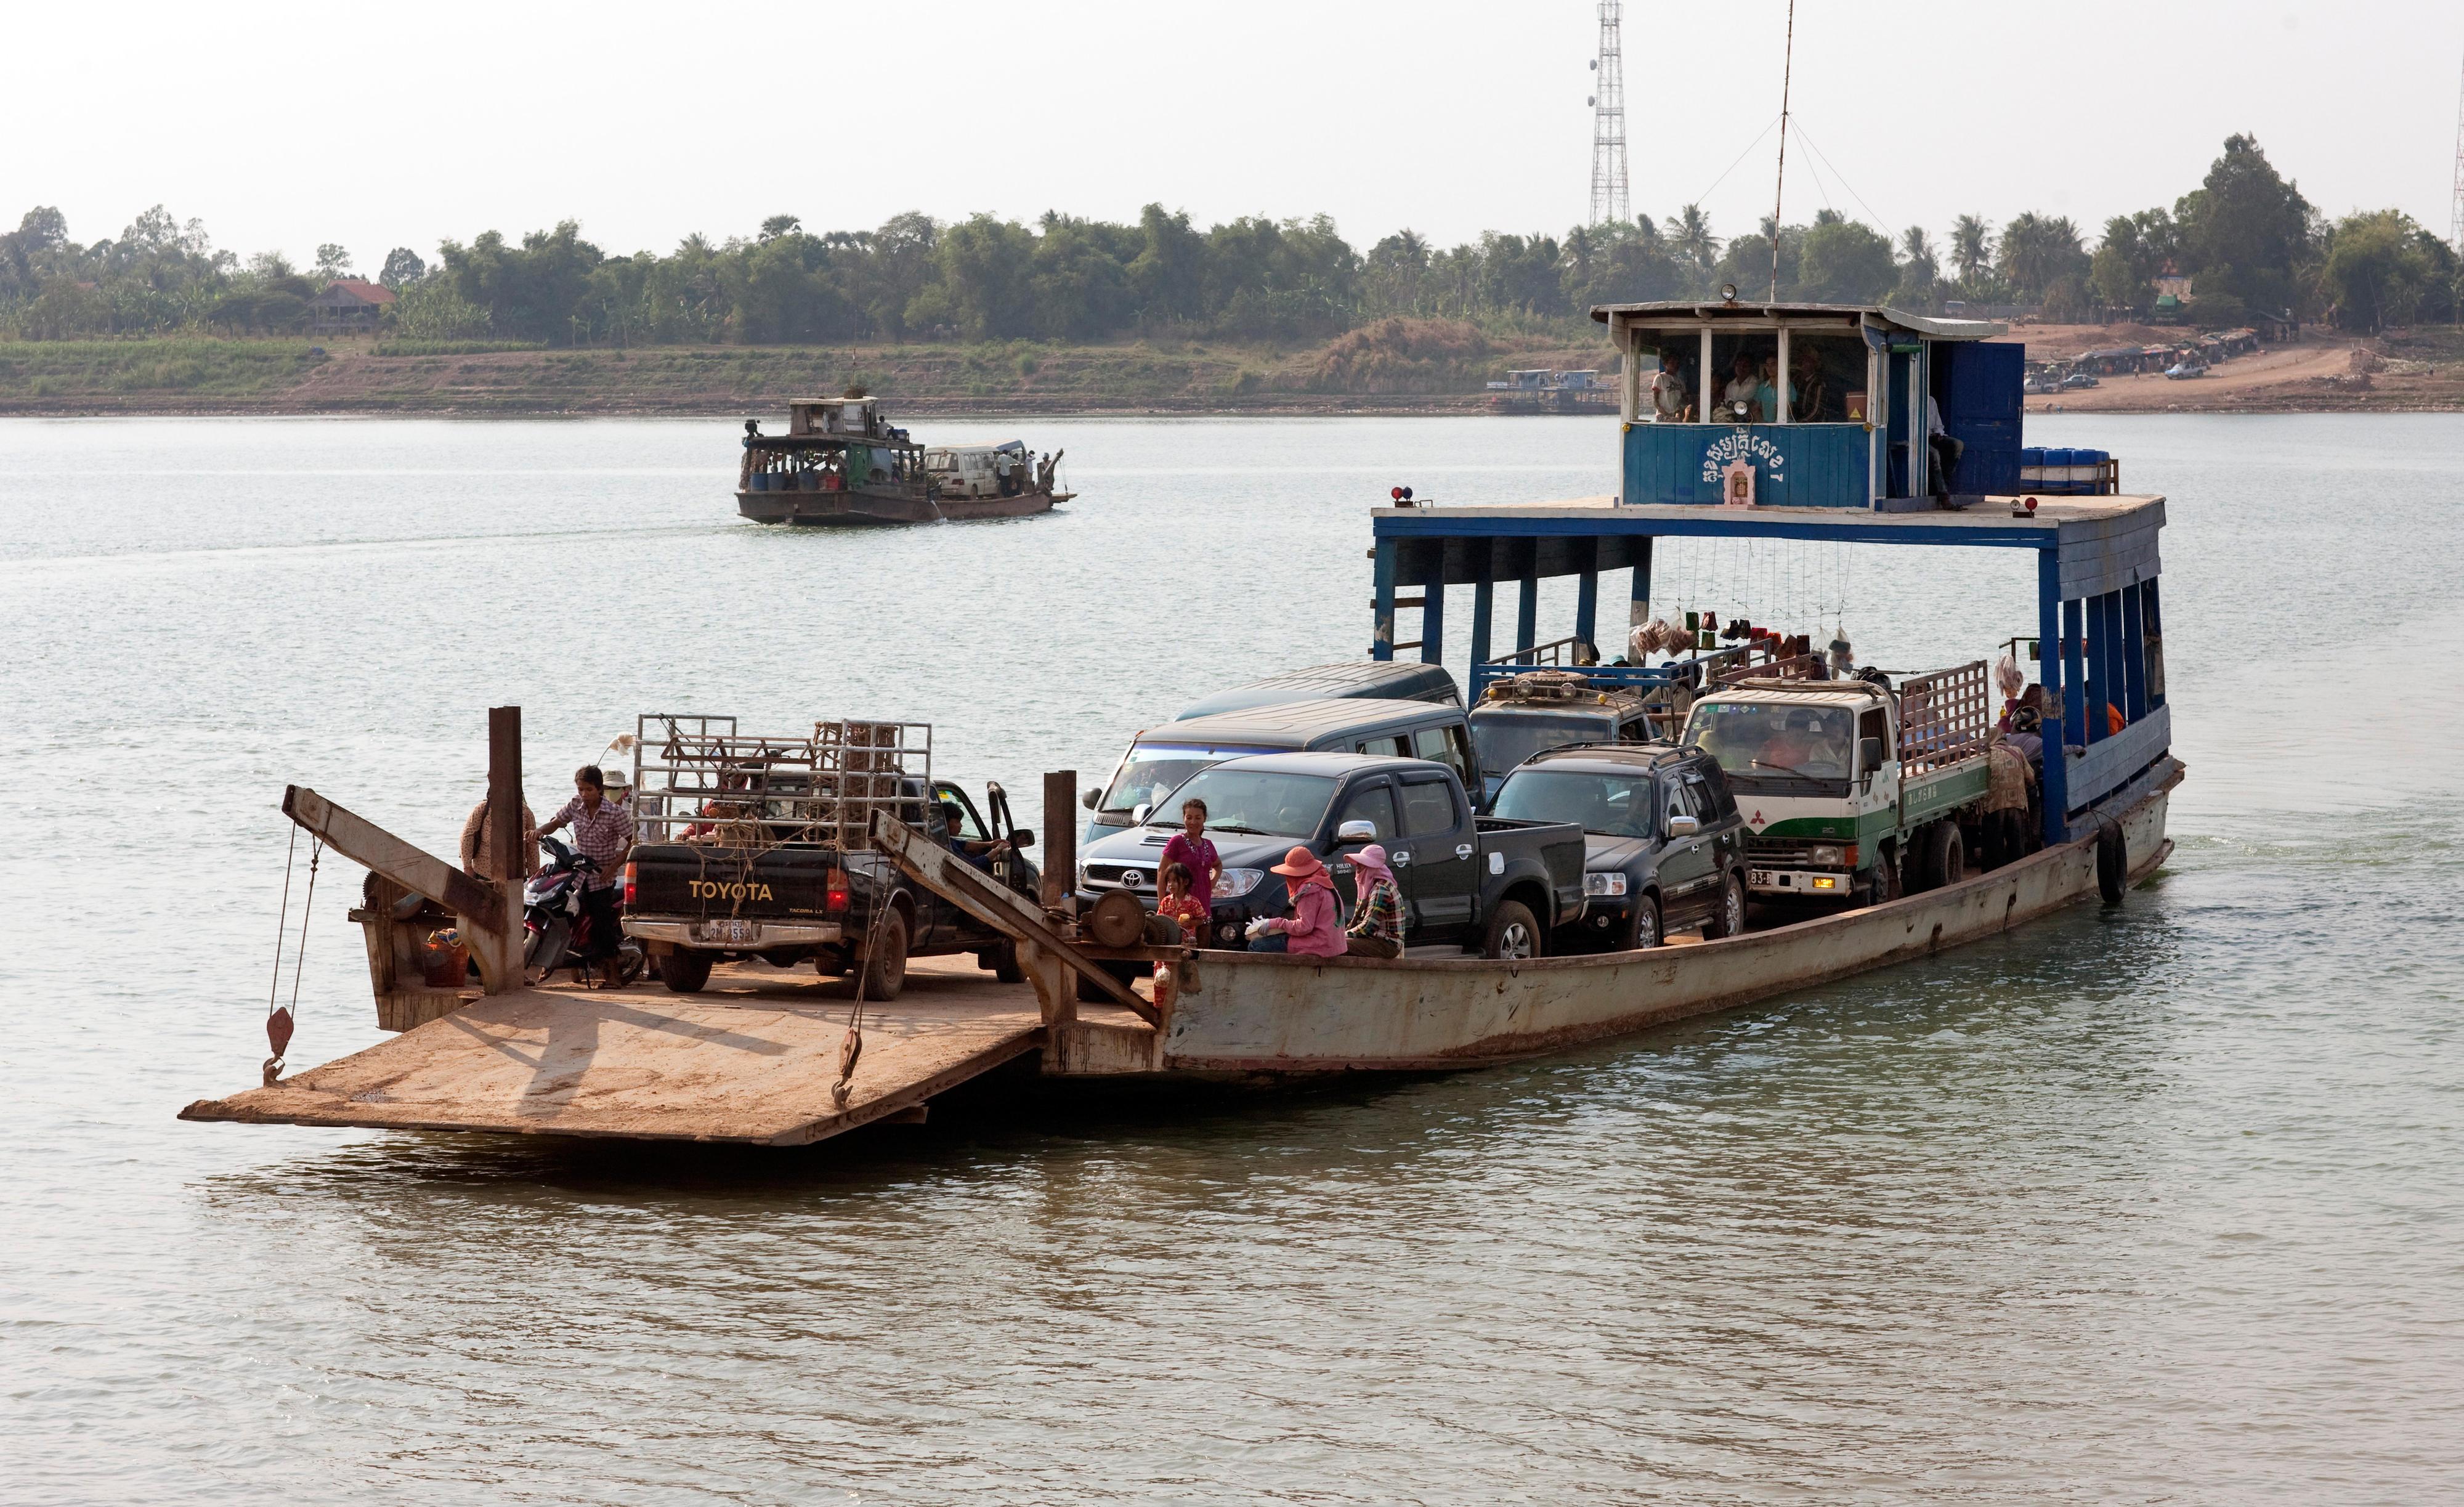 Autofähre auf dem Mekong, Kambodscha